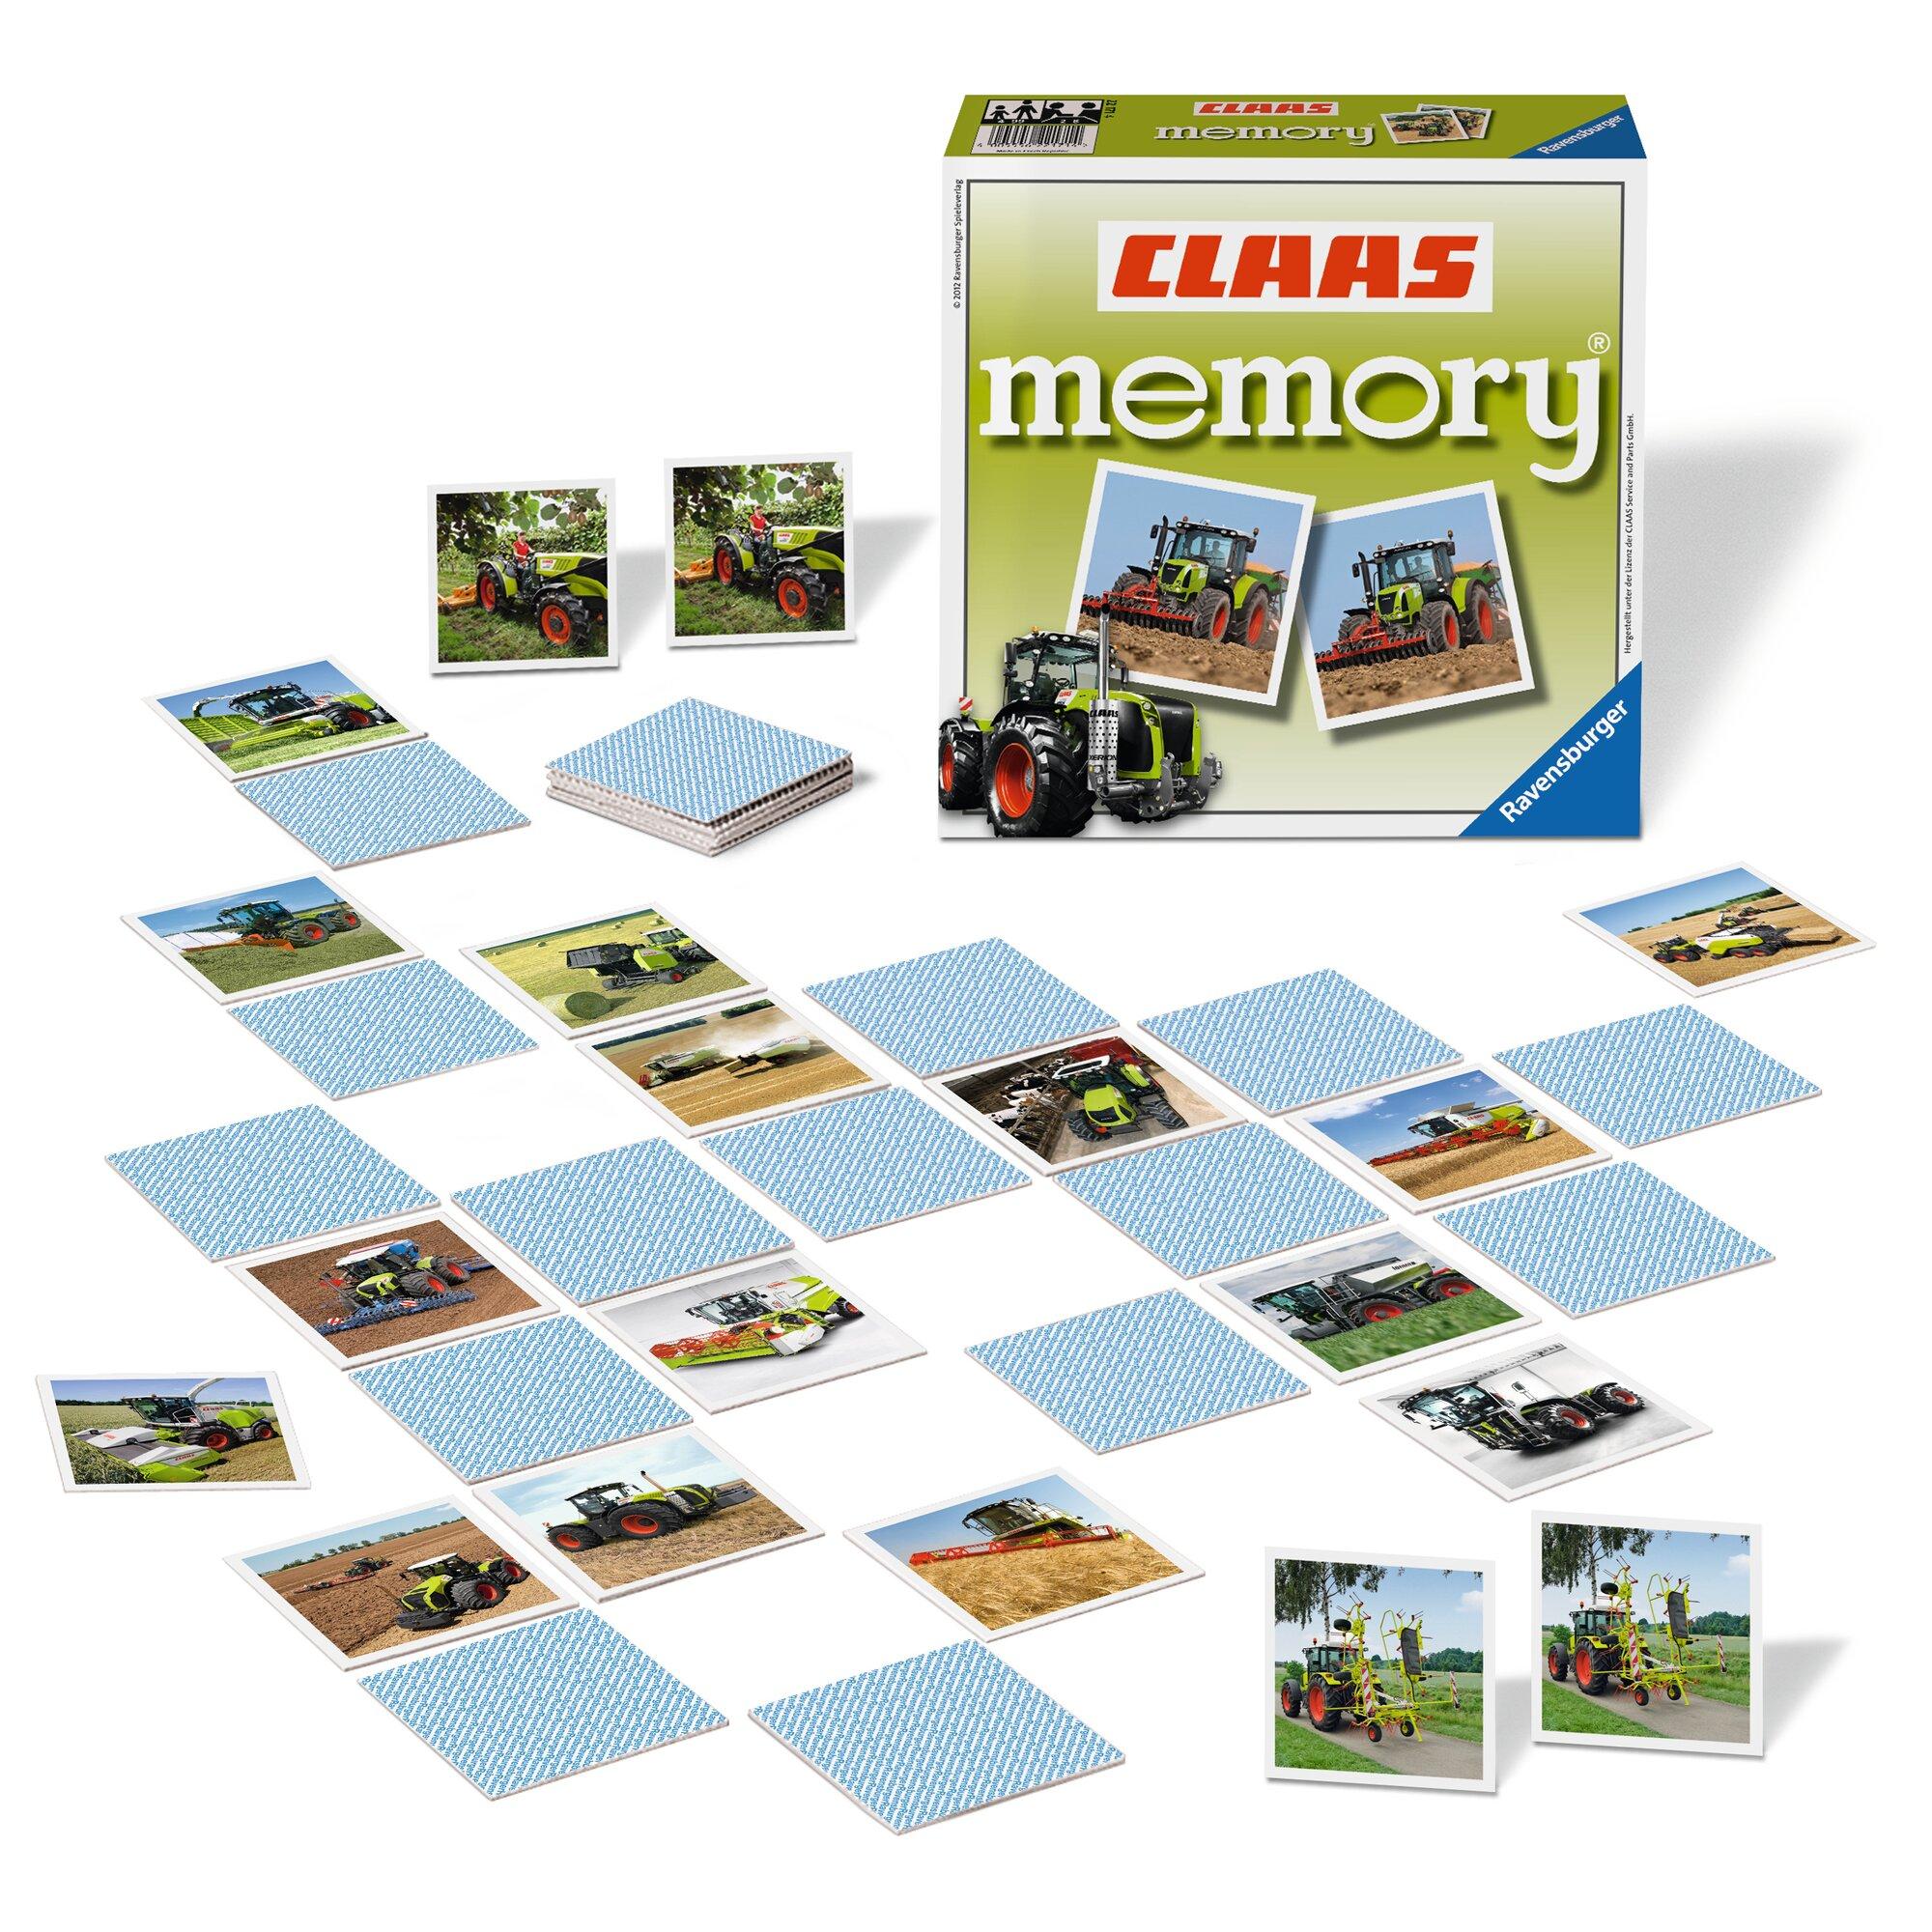 ravensburger-claas-memory-legekartenspiel